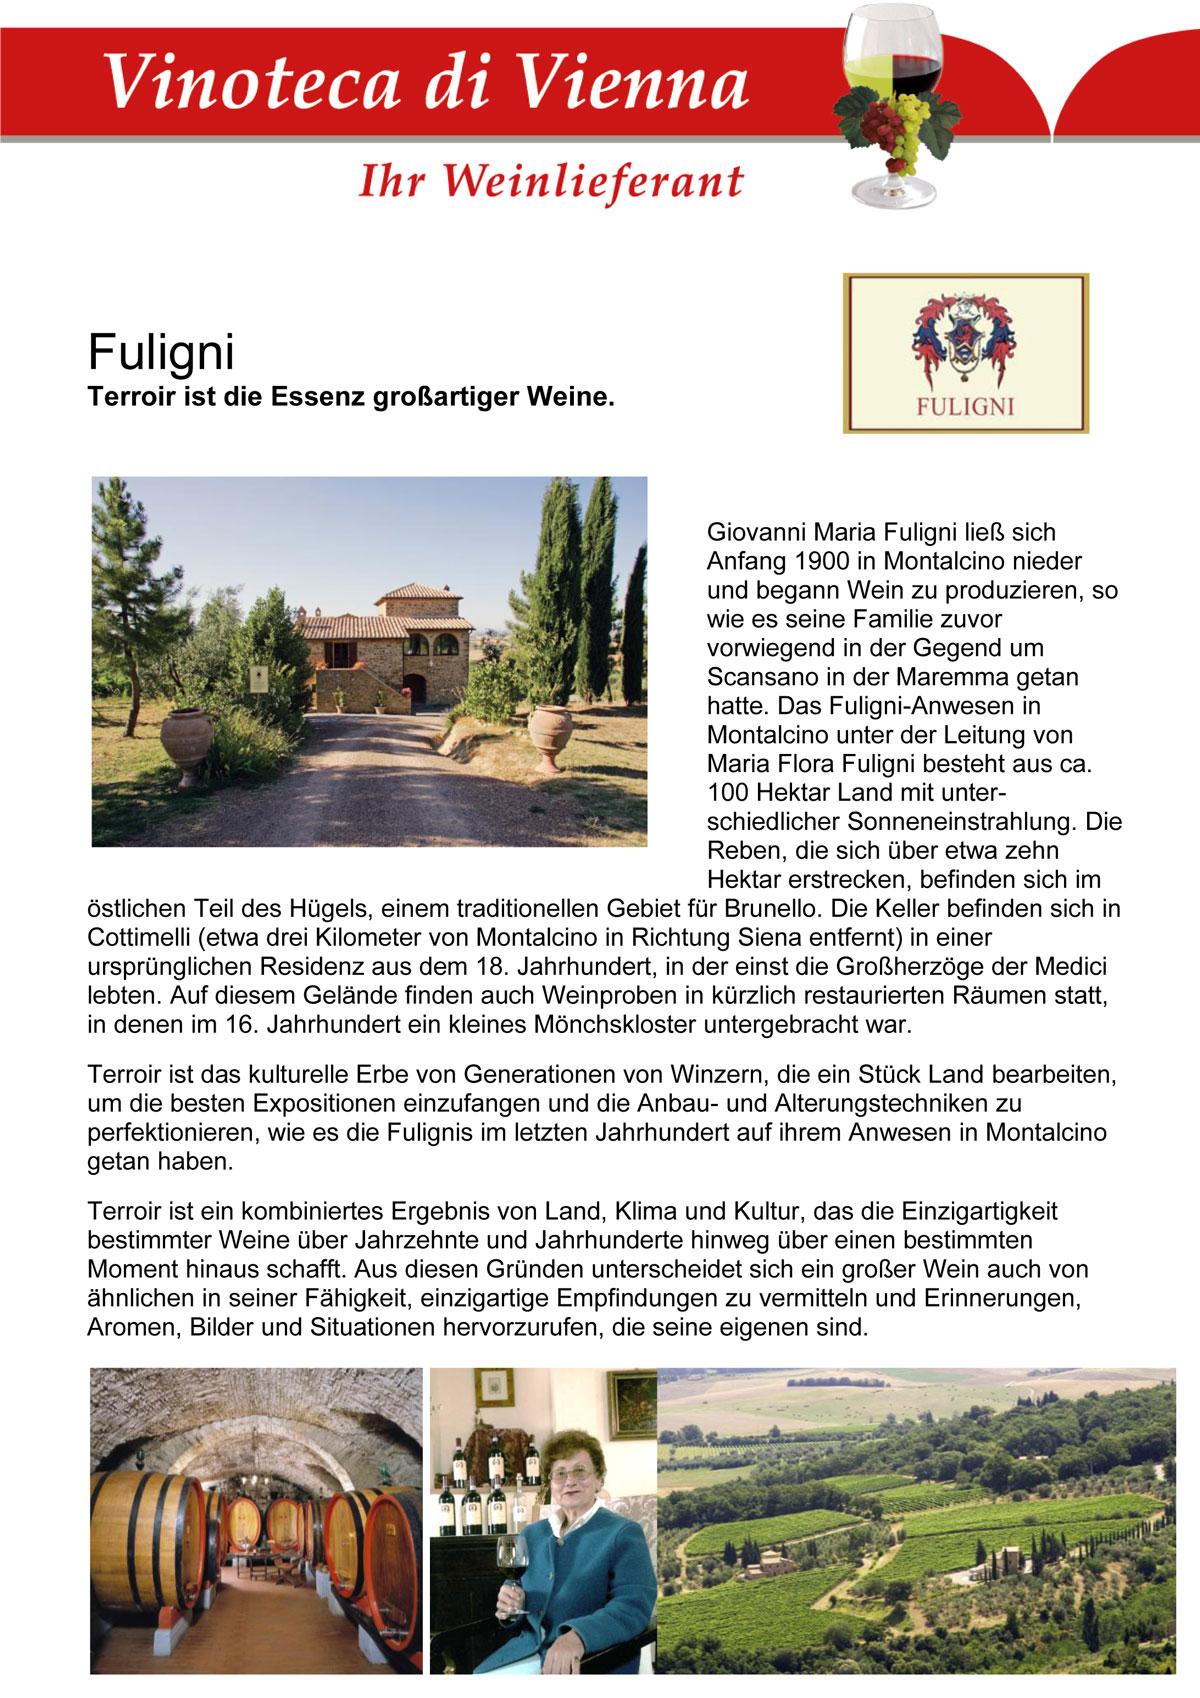 Fuligni, Terroir ist die Essenz großartiger Weine. Toskana, Montalcino, Italien